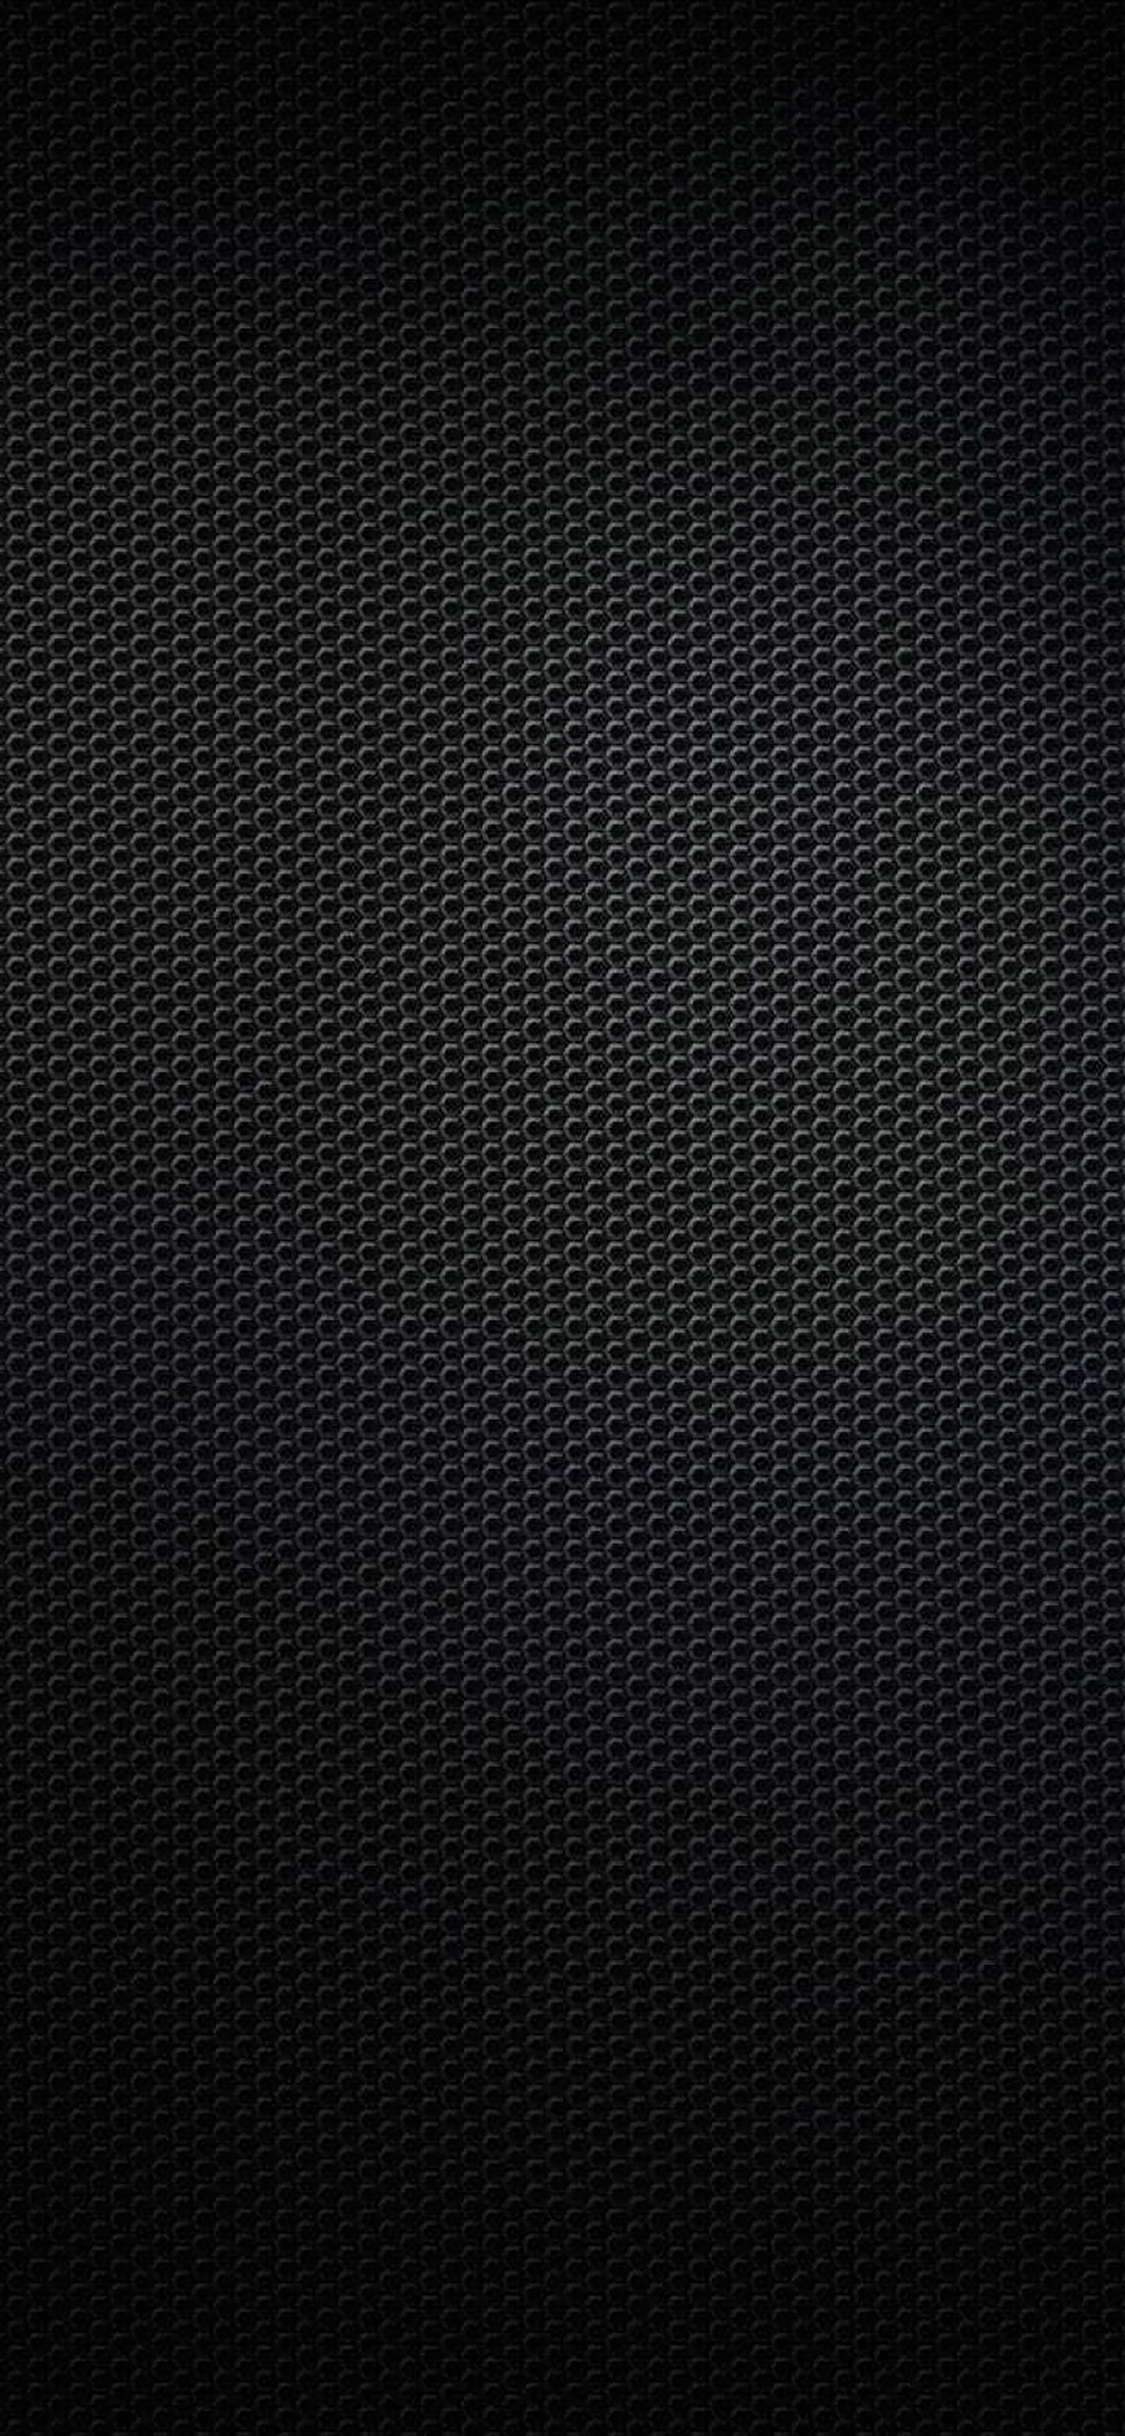 Apple Music On Macbook Air